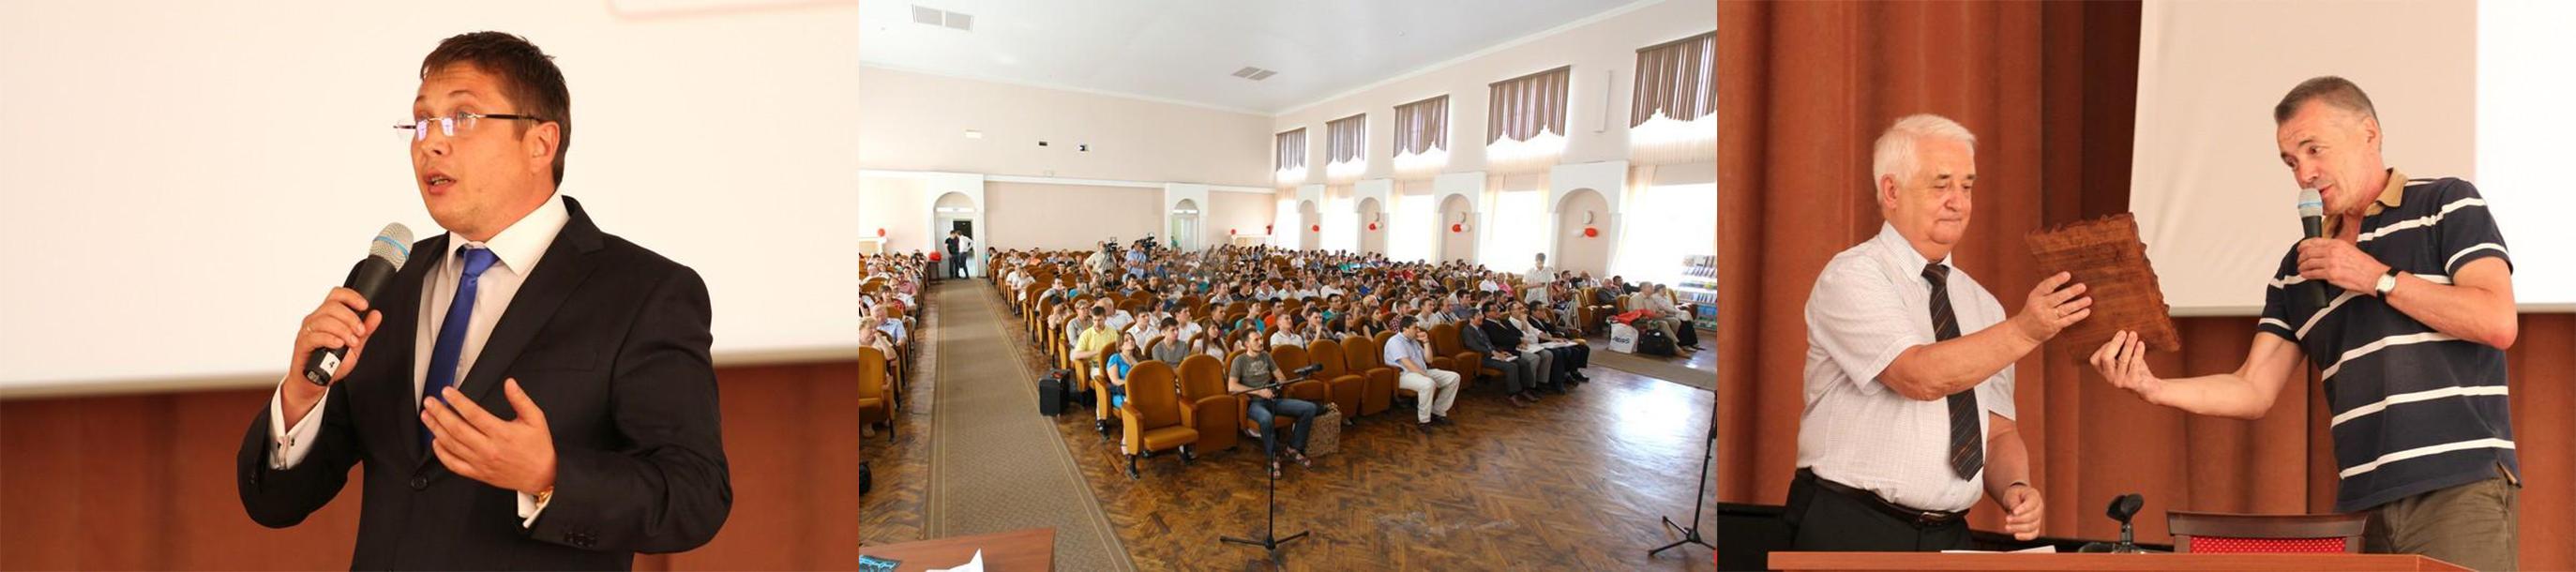 Празднование 15-летнего юбилея ФКН